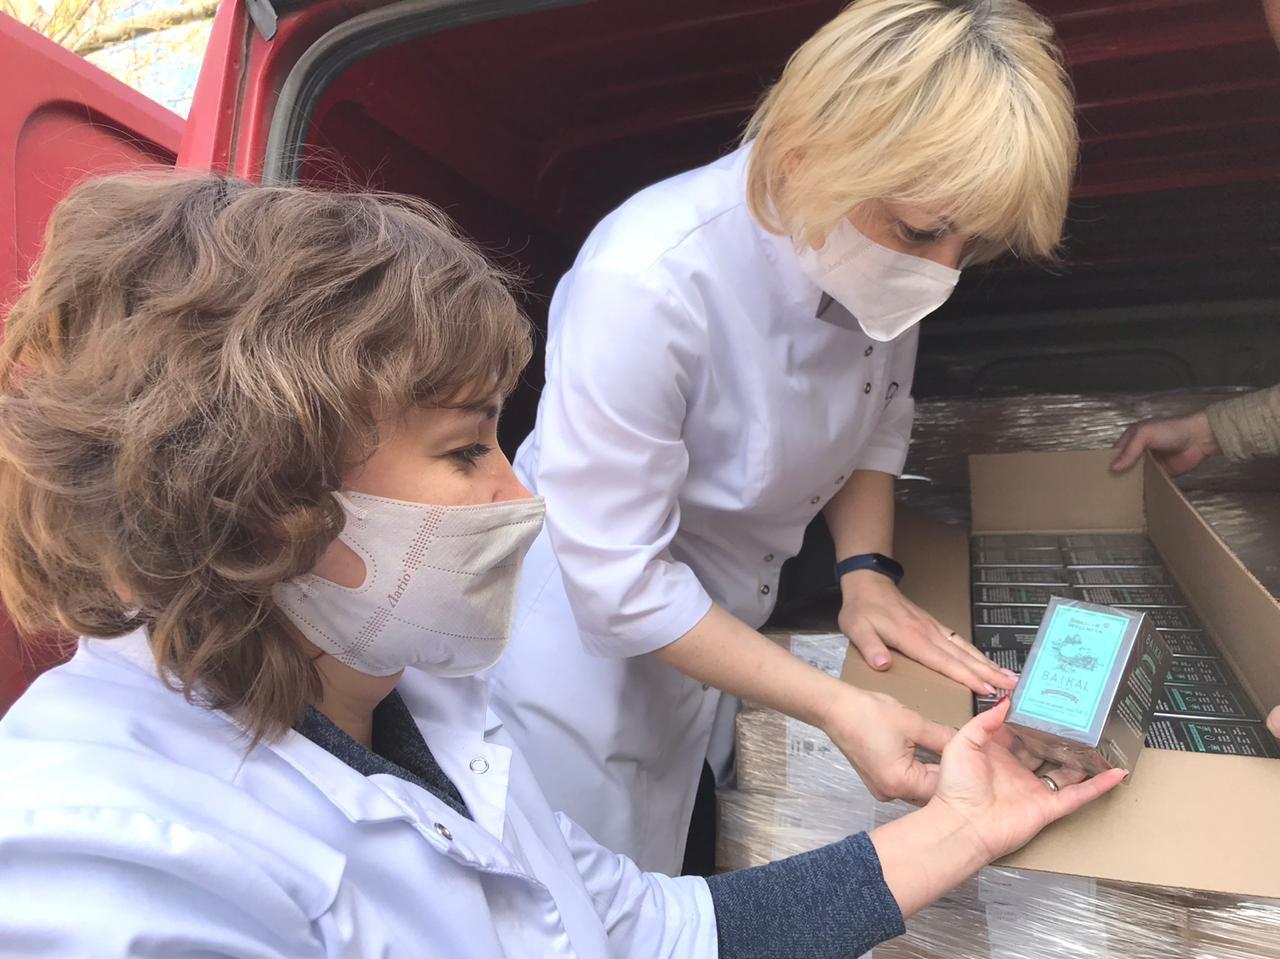 С самого начала пандемии Siberian Wellness серьезно занялась вопросом помощи медикам, волонтерам, социально незащищенным людям и семьям, став партнером акции #МыВместе.